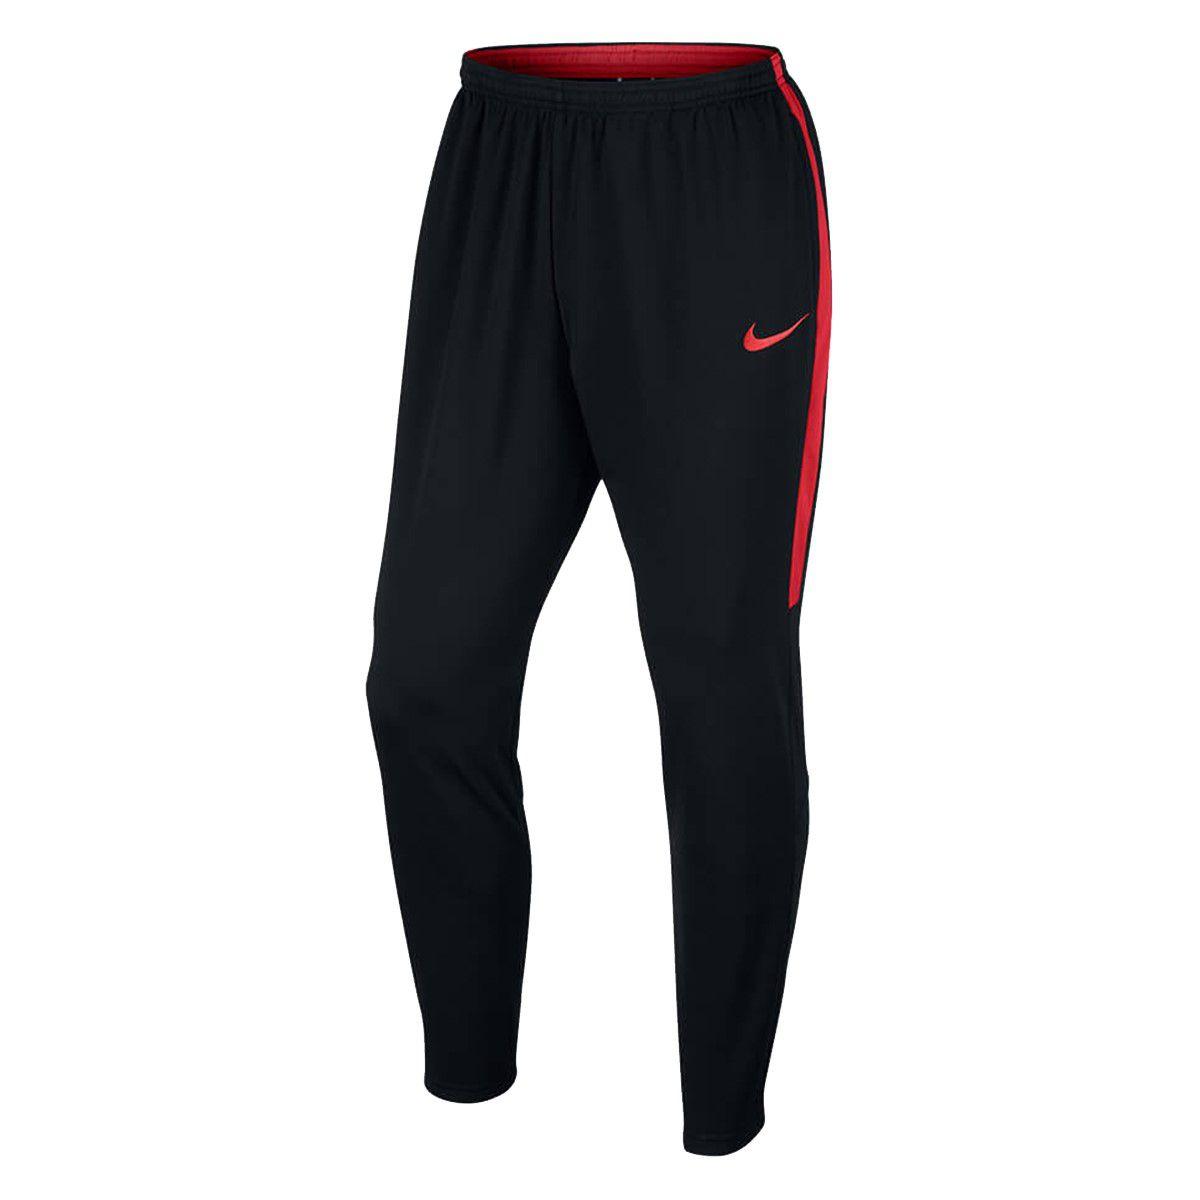 Nike Dry Academy Pant Kpz Eşofman Altı 839363019